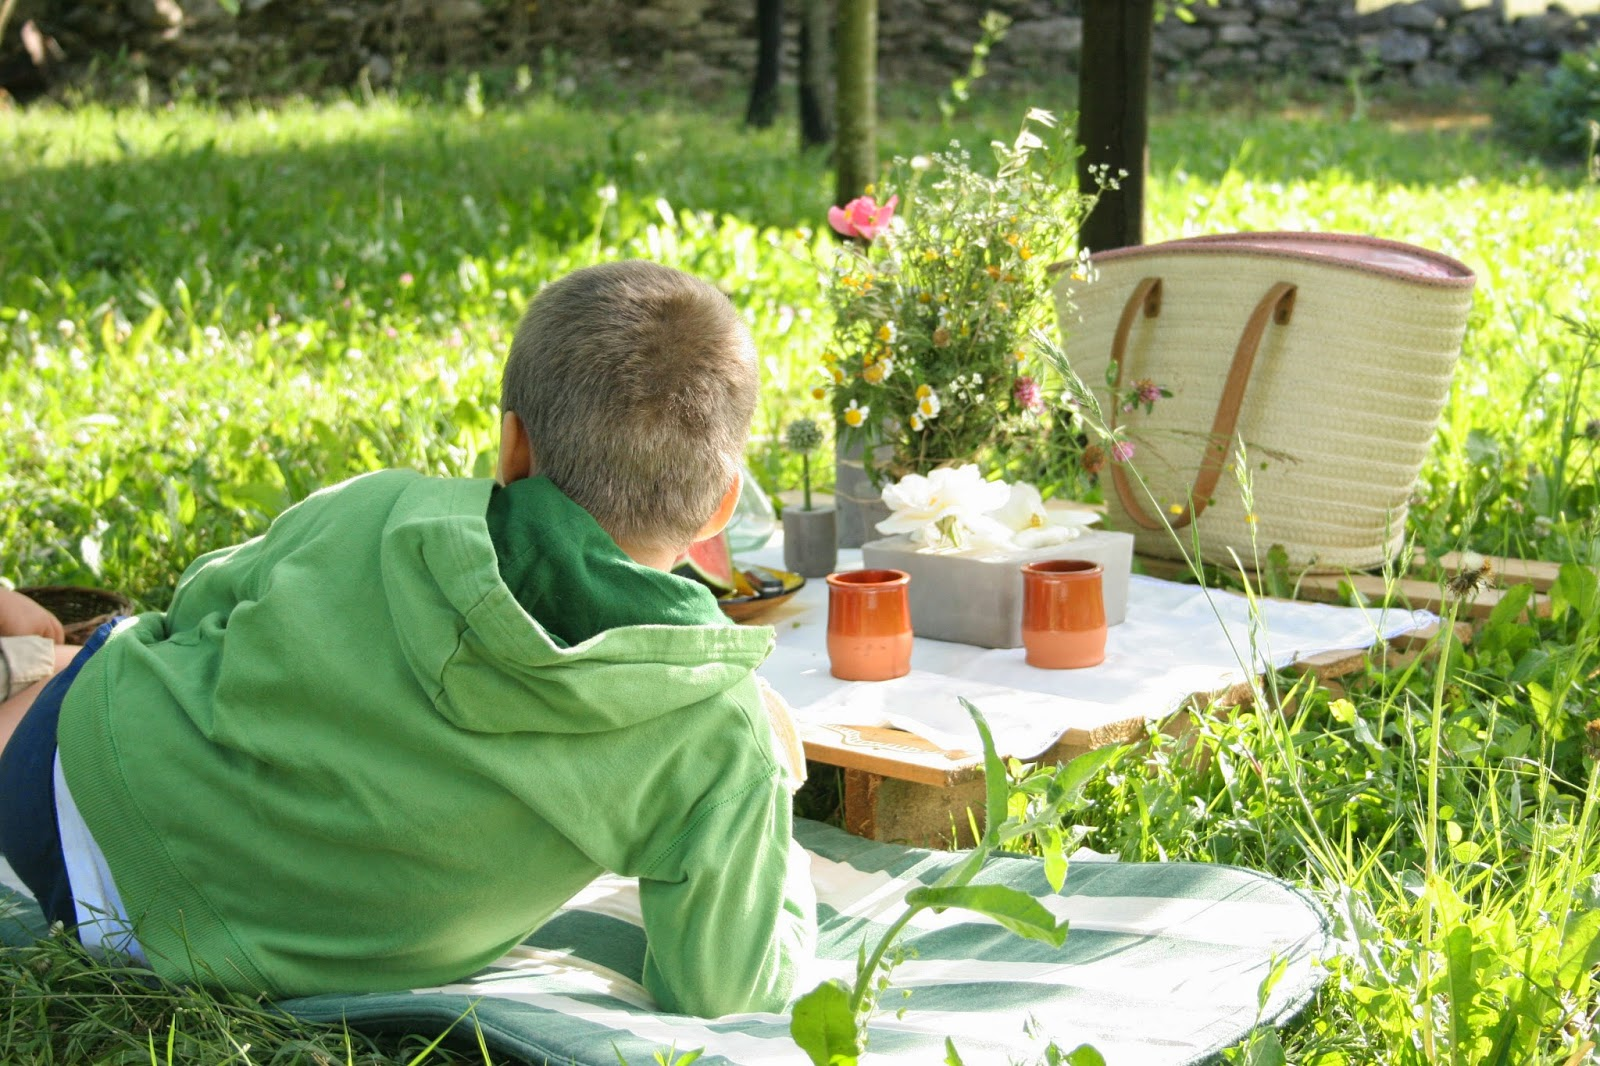 Merendando en la mesa del picnic del huerto con un palet y los diy floreros de cemento2